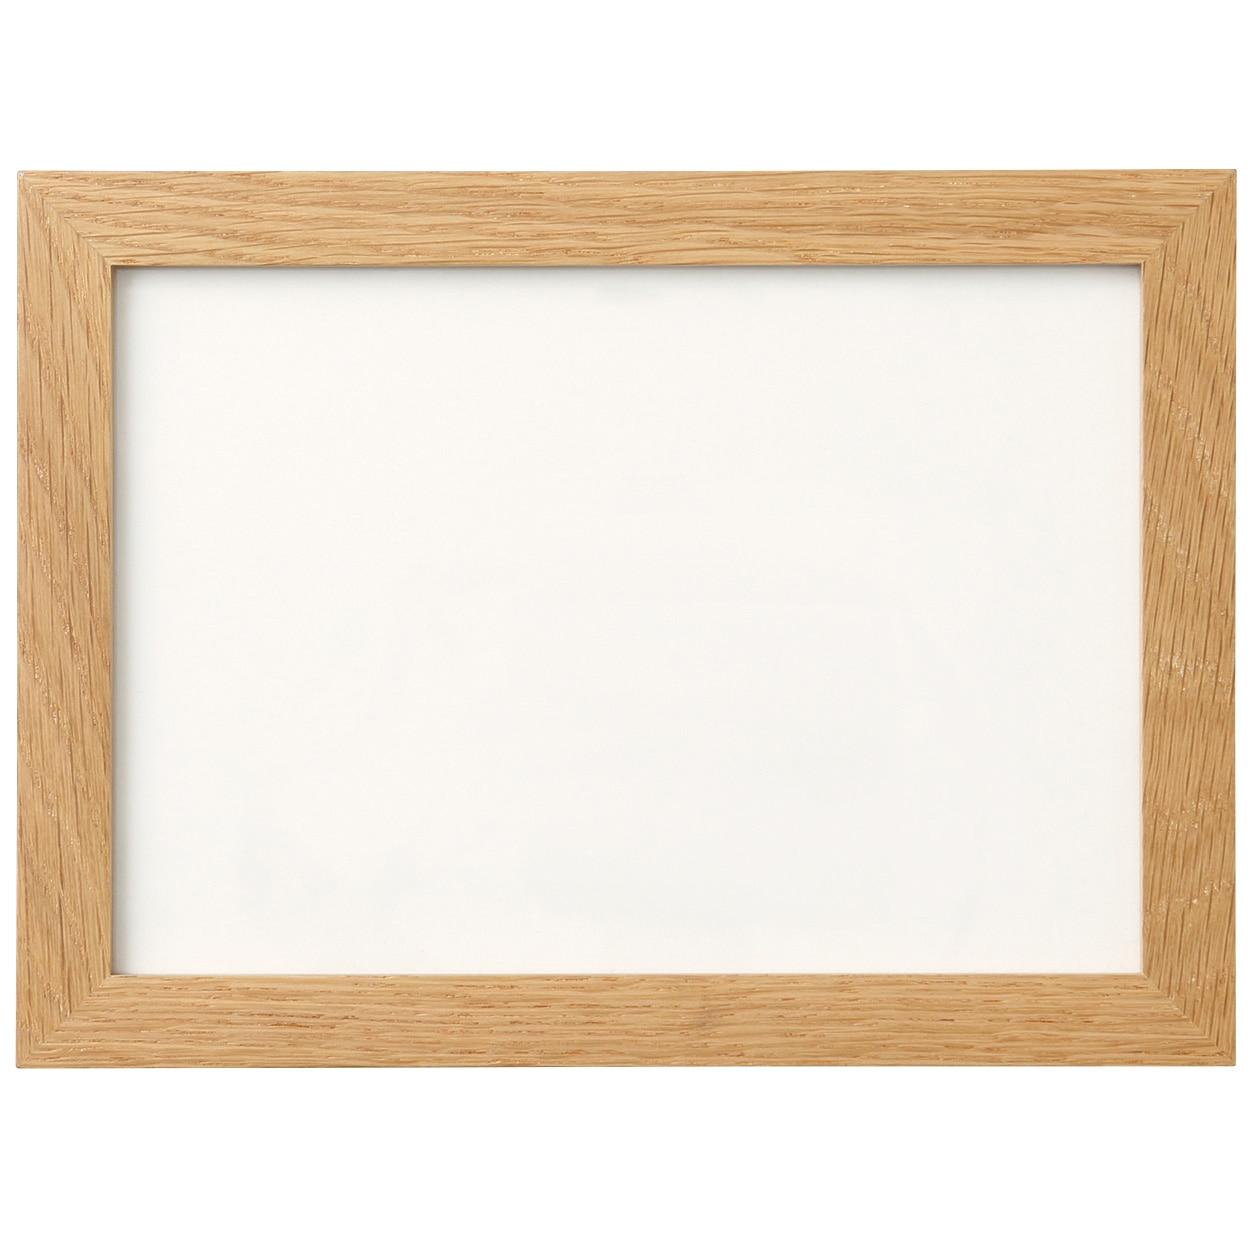 壁に付けられるフレーム・A5サイズ用・オーク材の写真